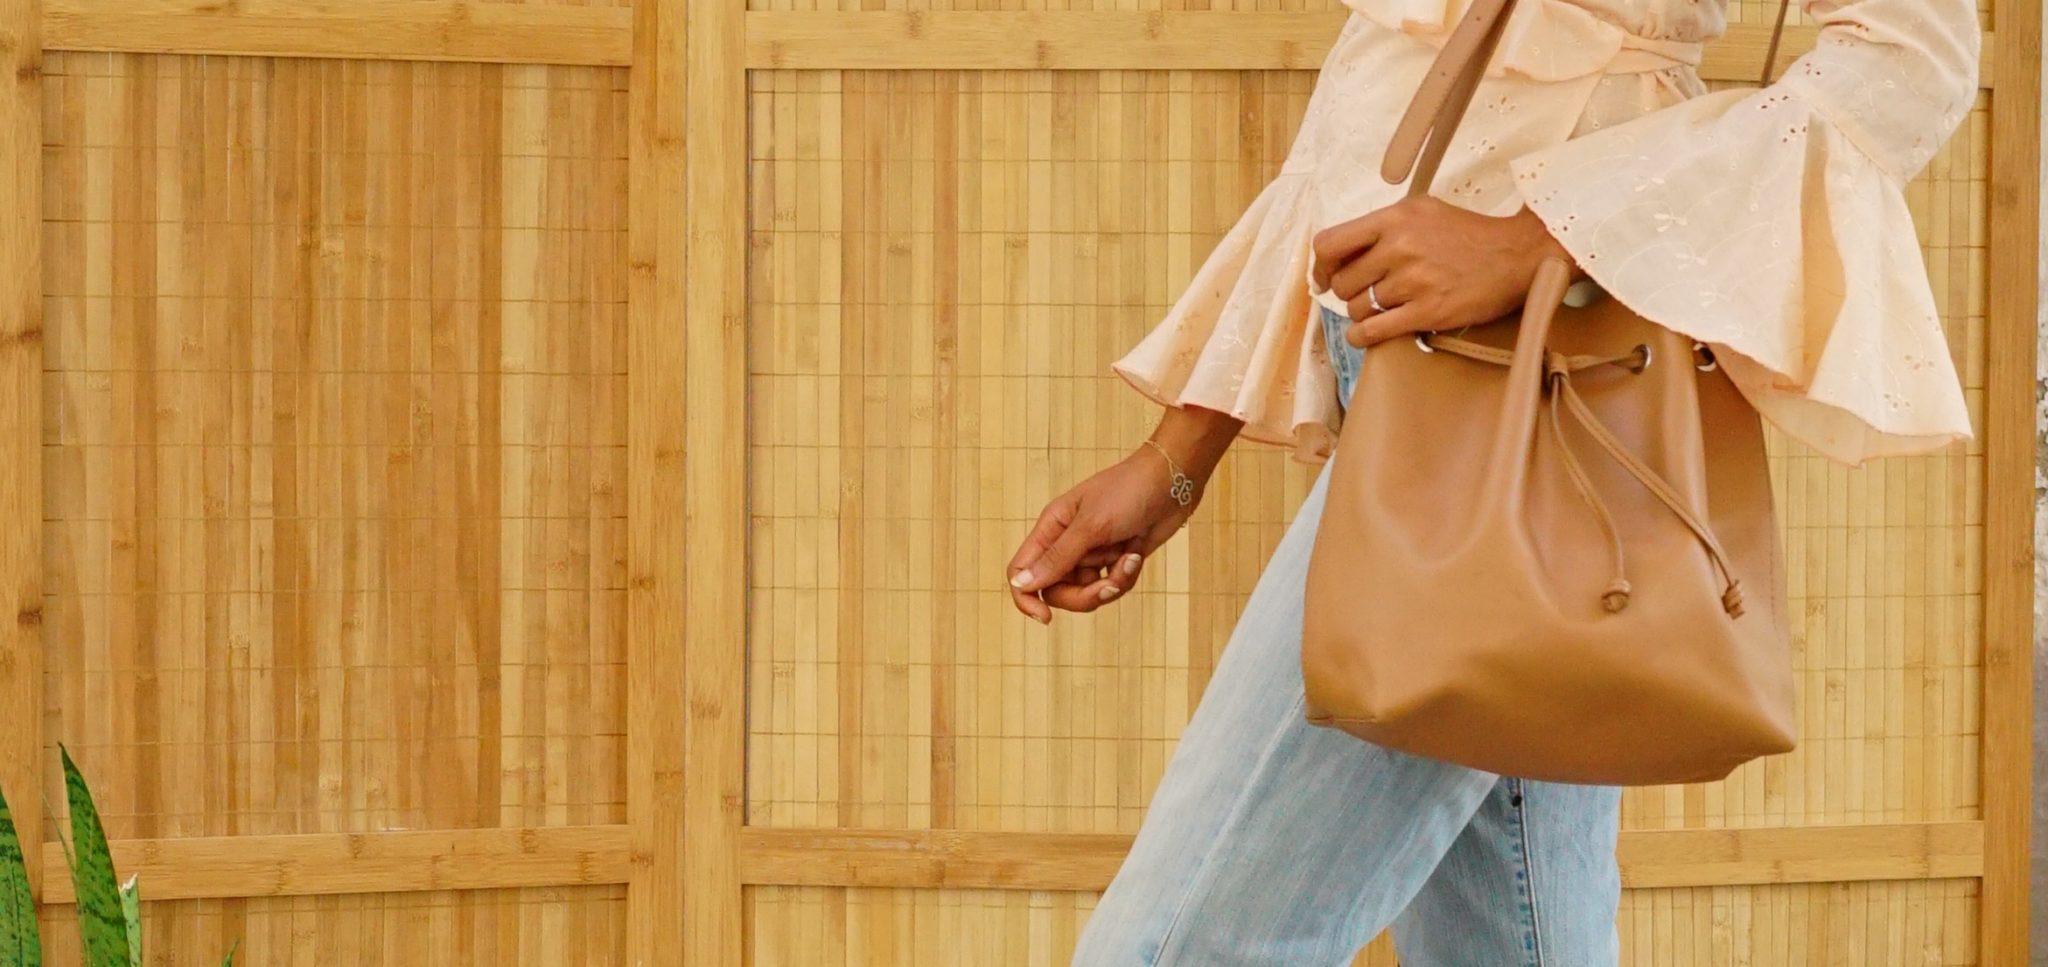 Week-end series: Peach ruffled blouse & bucket bag